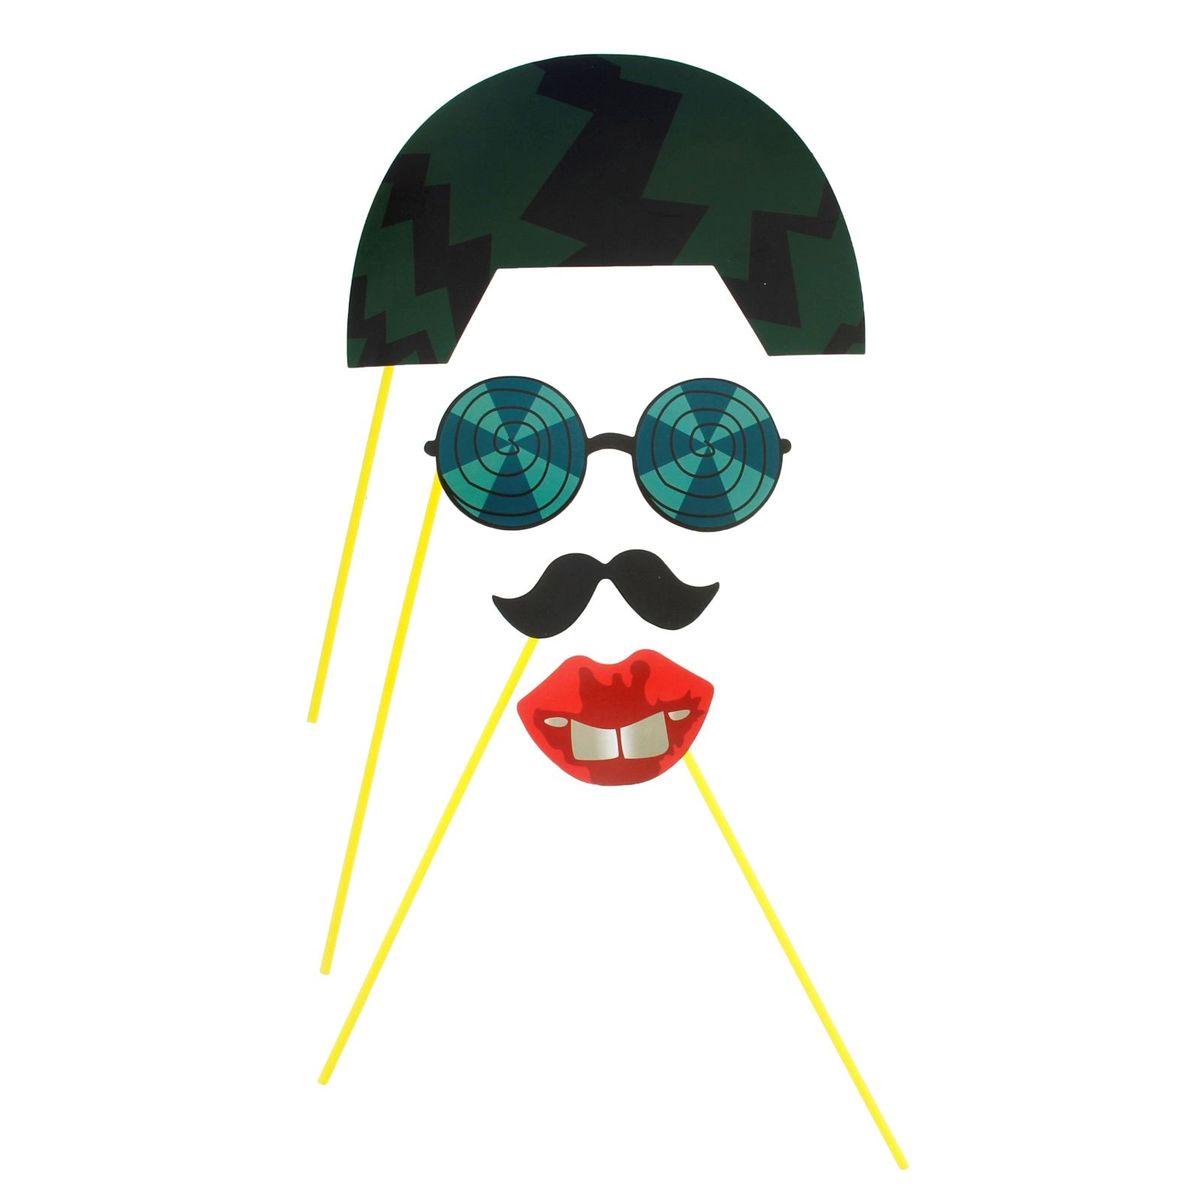 Аксессуары для фотосессии Страна Карнавалия Каска, очки, губки, усы, 4 предмета1019762Ни один праздник не обходится без фотографий. Чтобы они стали еще ярче, веселее и памятнее, нужно задуматься о создании особого образа. Аксессуары для фотосессии Страна Карнавалия Каска, очки, губки, усы сделают снимки искренними и полными радости, создадут оригинальные образы, отлично подойдут для семейных праздников, вечеринок и других торжеств. Подарите себе и близким больше положительных эмоций и памятных мгновений с помощью набора праздничных аксессуаров!